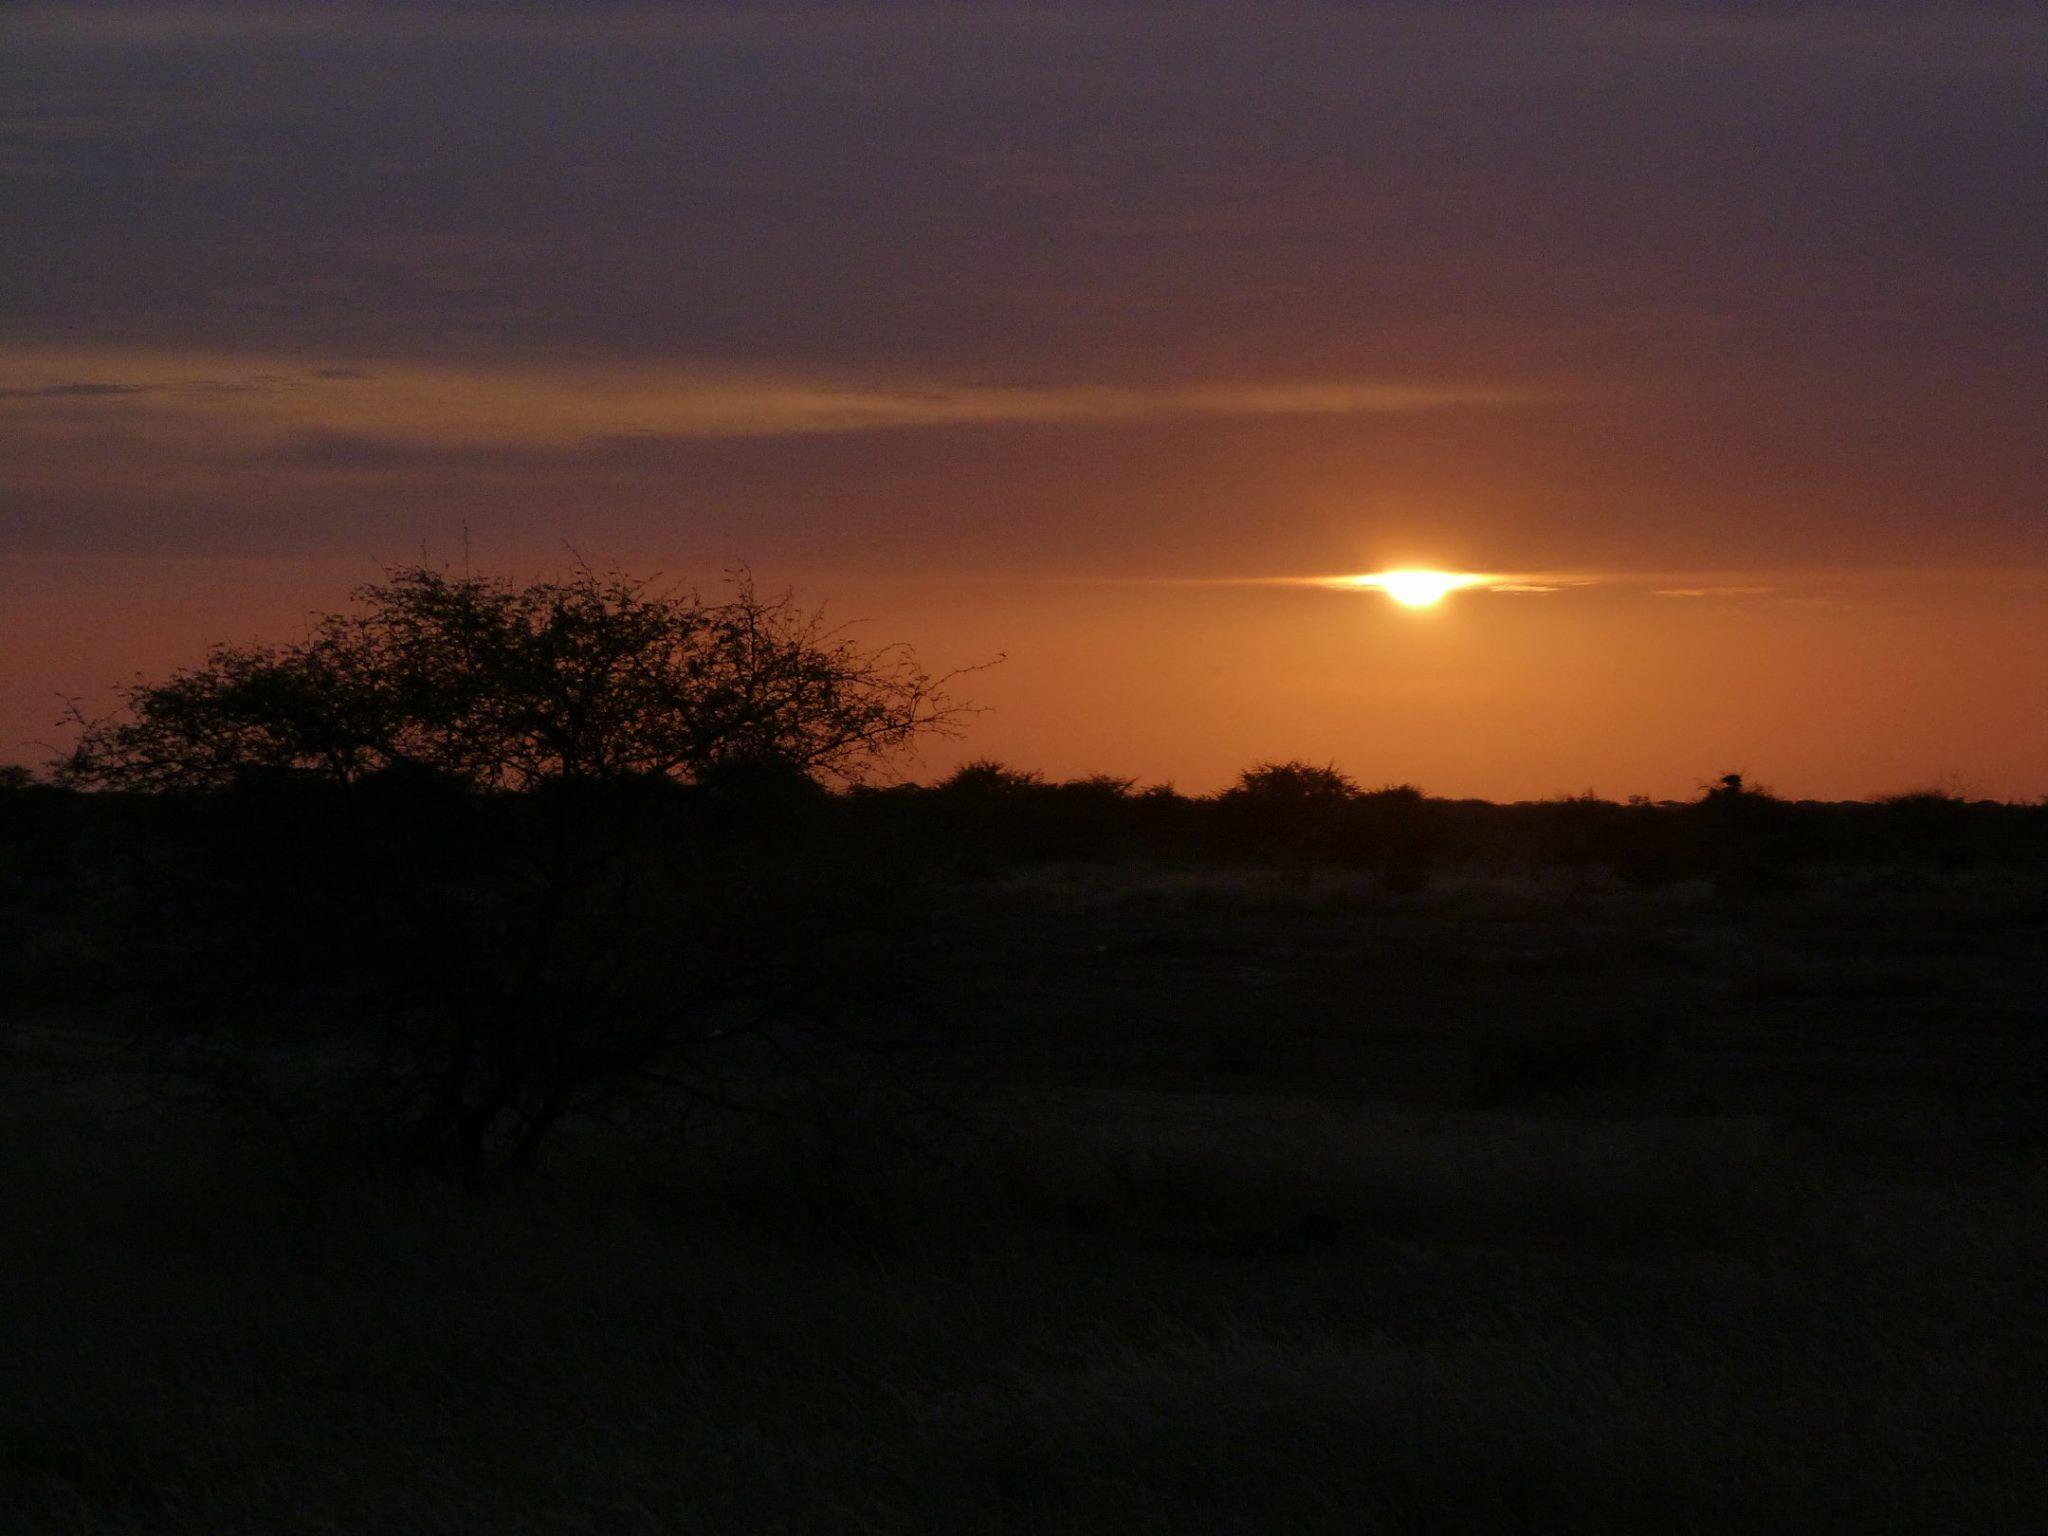 coucher de soleil Saint-Louis Sénégal